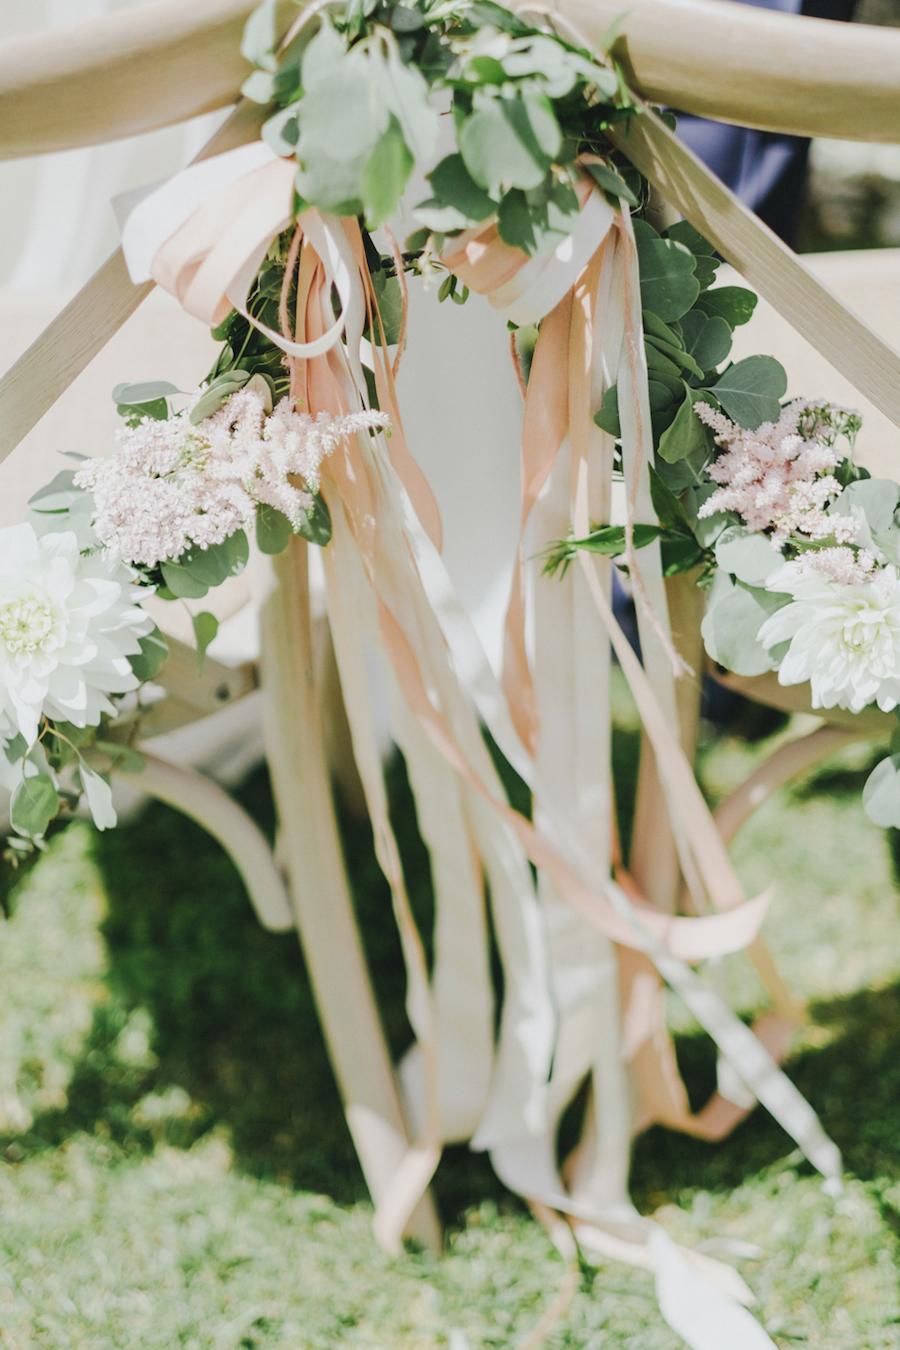 decorazione sedia con fiori, nastri ed eucalipto